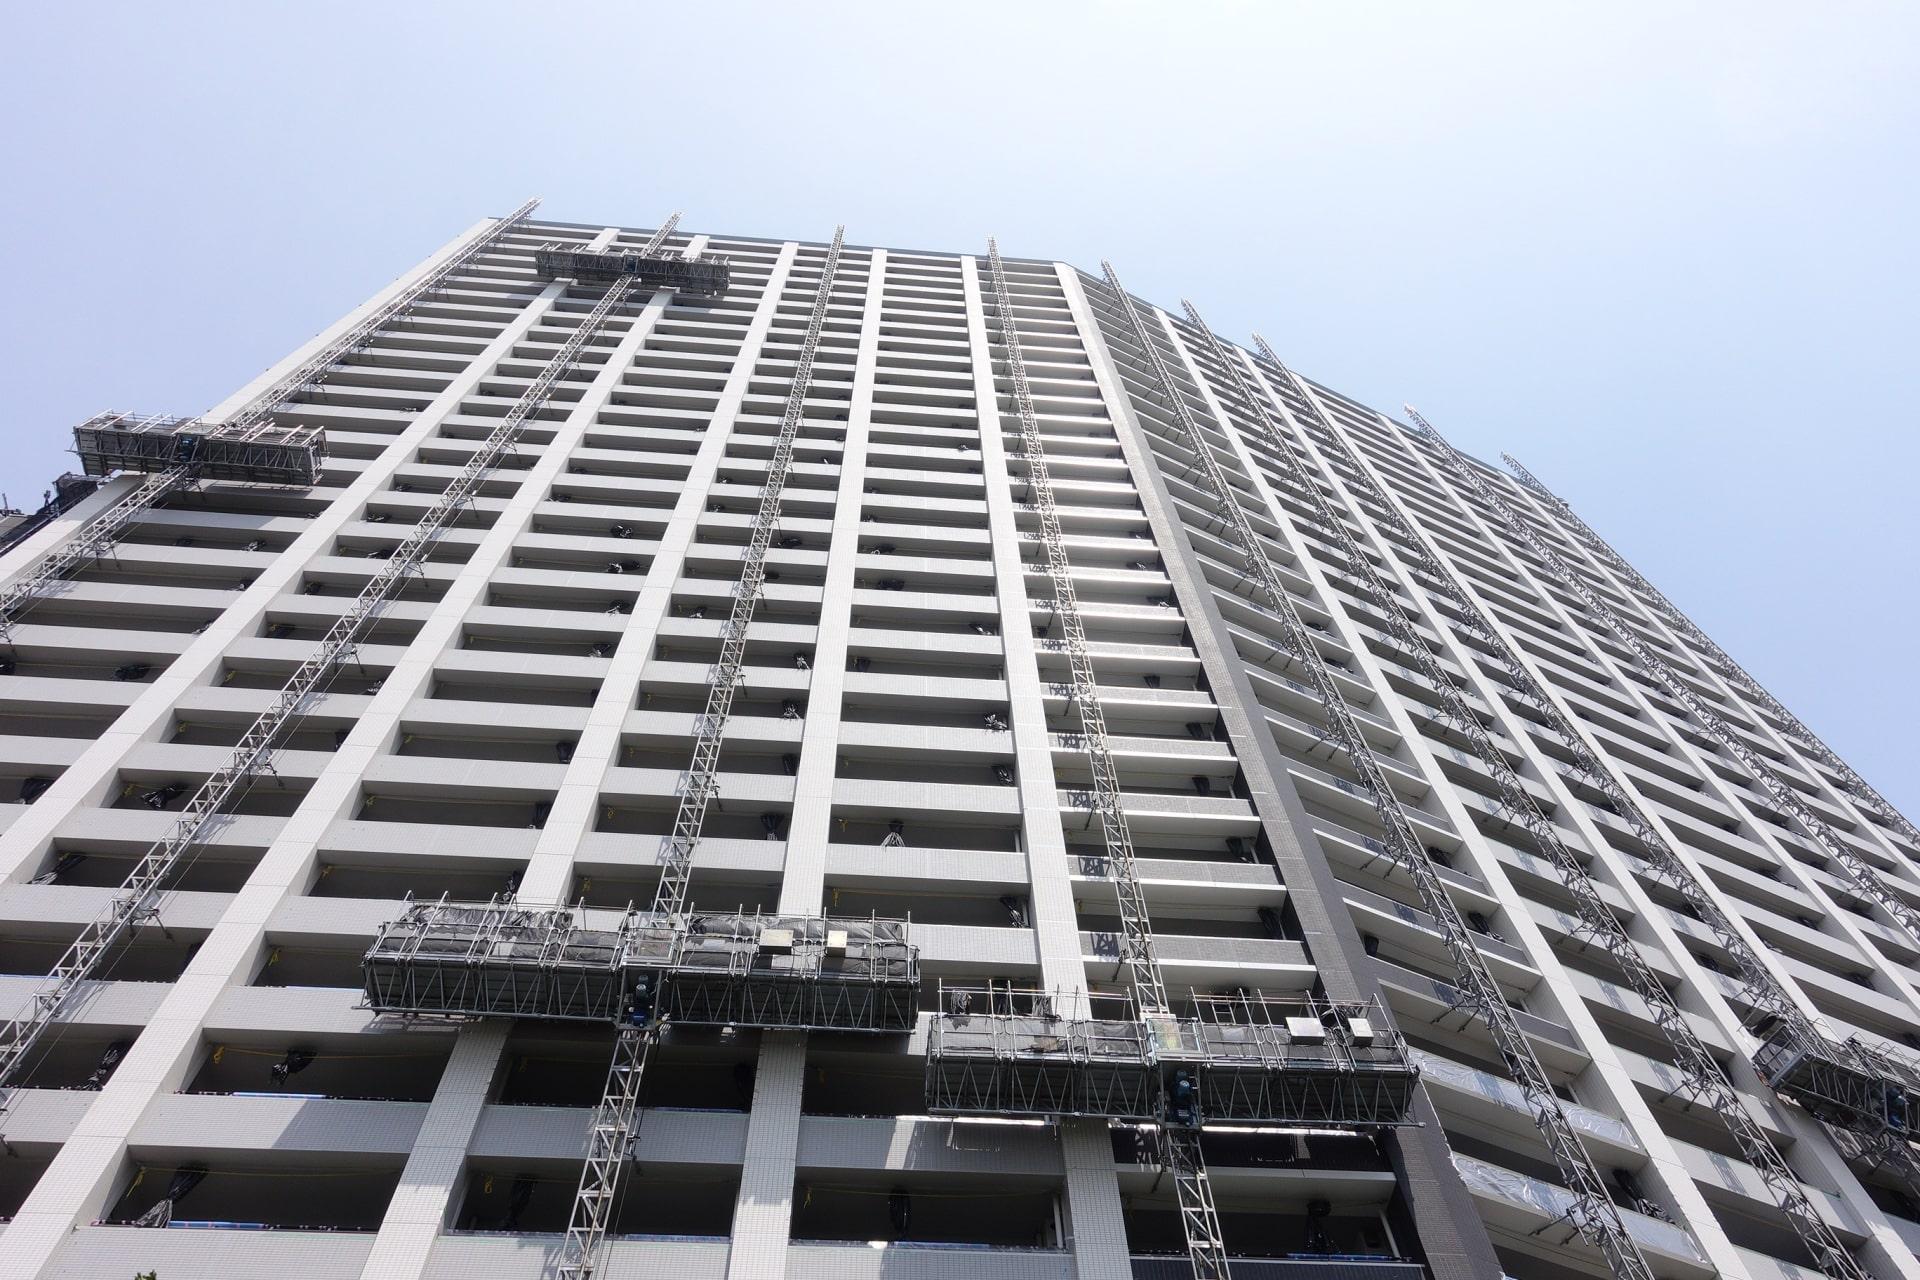 大規模修繕工事 コンサルタント業務(プロポーザル方式) - マンション管理組合のミカタ